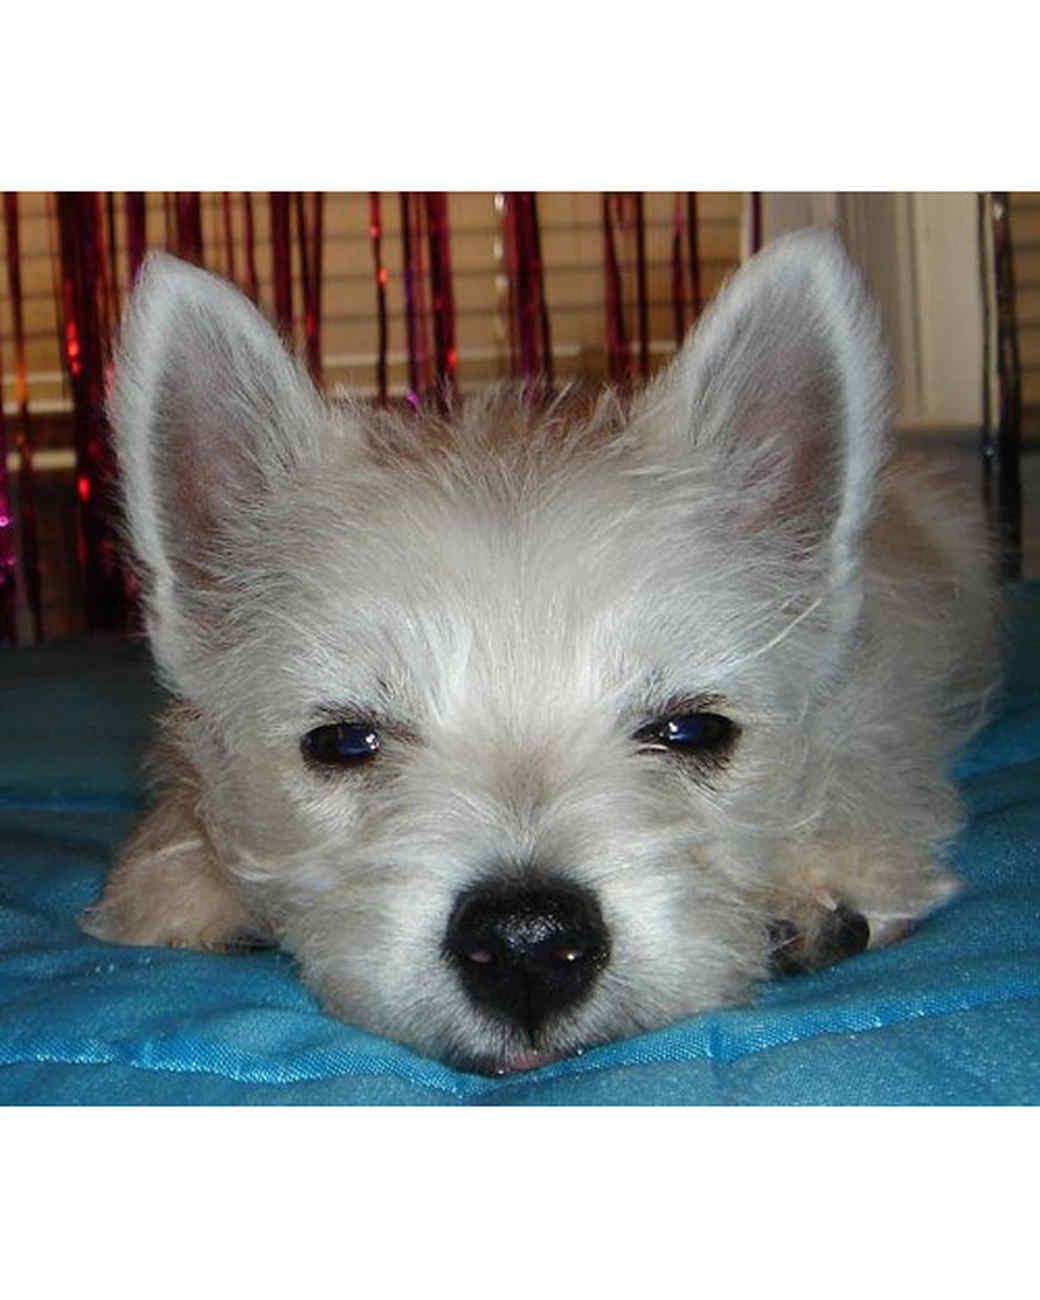 pets_lazy_0909_ori00100749.jpg